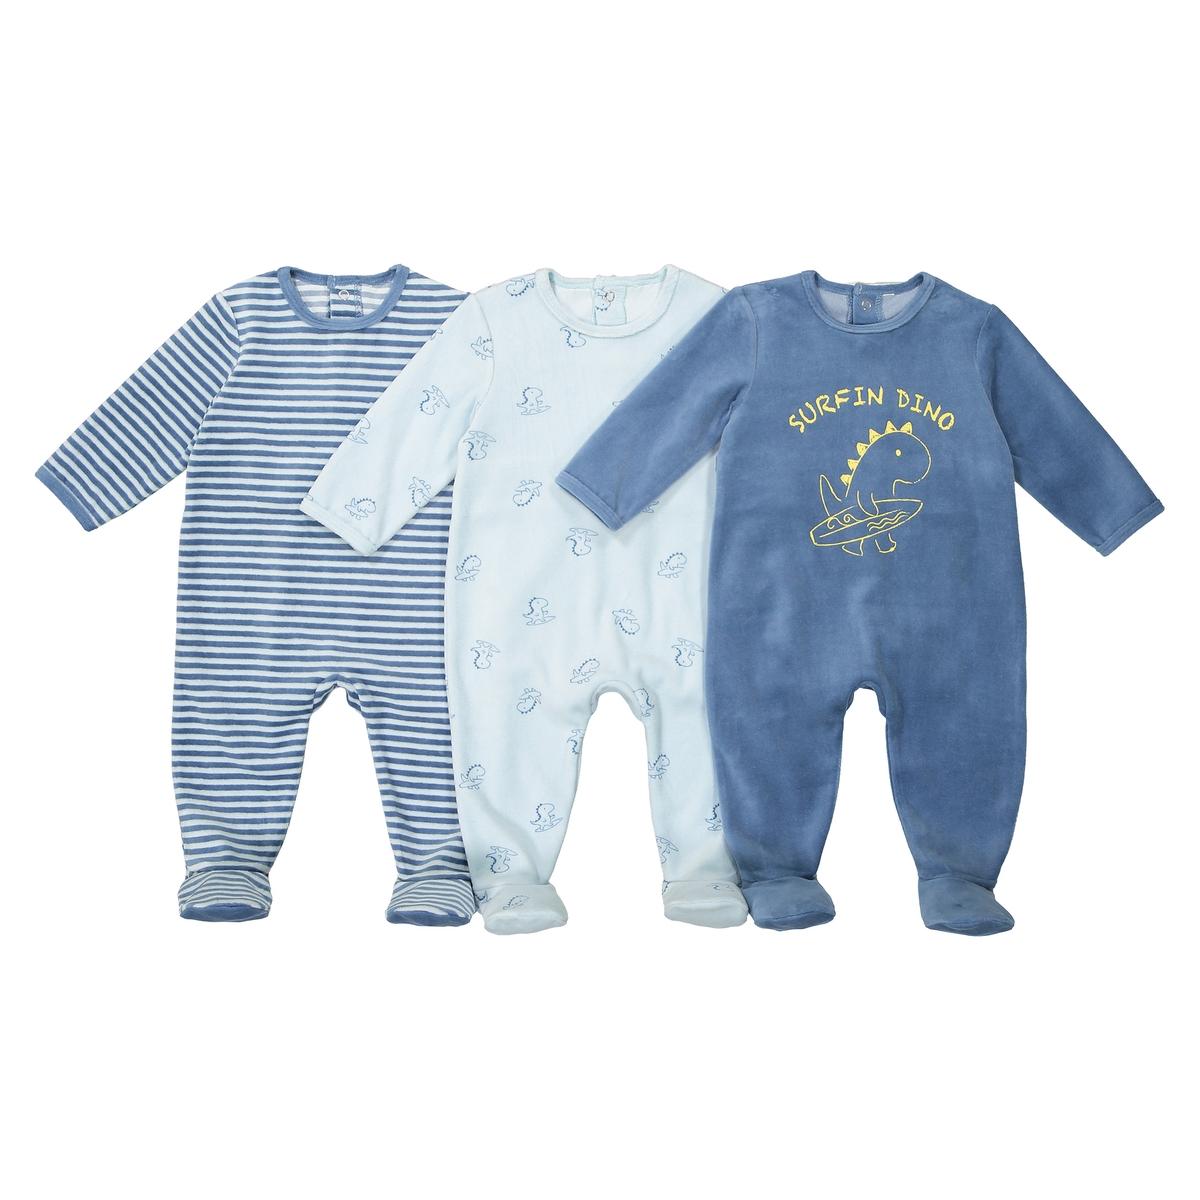 3 пижамы из велюра, 0 мес - 3 летОписание:Комплект из 3 велюровых пижам. В тройном размере...это лучше ! Можно менять их в течение ночи...Детали • Пижама с длинными рукавами и брючинами .  • Комплект из 3 изделий  : 1 однотонная пижама с принтом спереди+ 1 пижама в полоску + 1 пижама с рисунком динозавры . •  Круглый вырез.  •Застежка на кнопки сзади и между ножек для легкости надевания .Состав и уход •  Материал : велюр: 75% хлопка, 25% полиэстера. •  Машинная стирка при 30° на умеренном режиме с изделиями схожих цветов. •  Стирать, сушить и гладить с изнаночной стороны. •  Машинная сушка на умеренном режиме. •  Гладить при низкой температуре.<br><br>Цвет: синий + серый<br>Размер: 2 года - 86 см.1 год - 74 см.9 мес. - 71 см.6 мес. - 67 см.1 мес. - 54 см.0 мес. - 50 см.3 года - 94 см